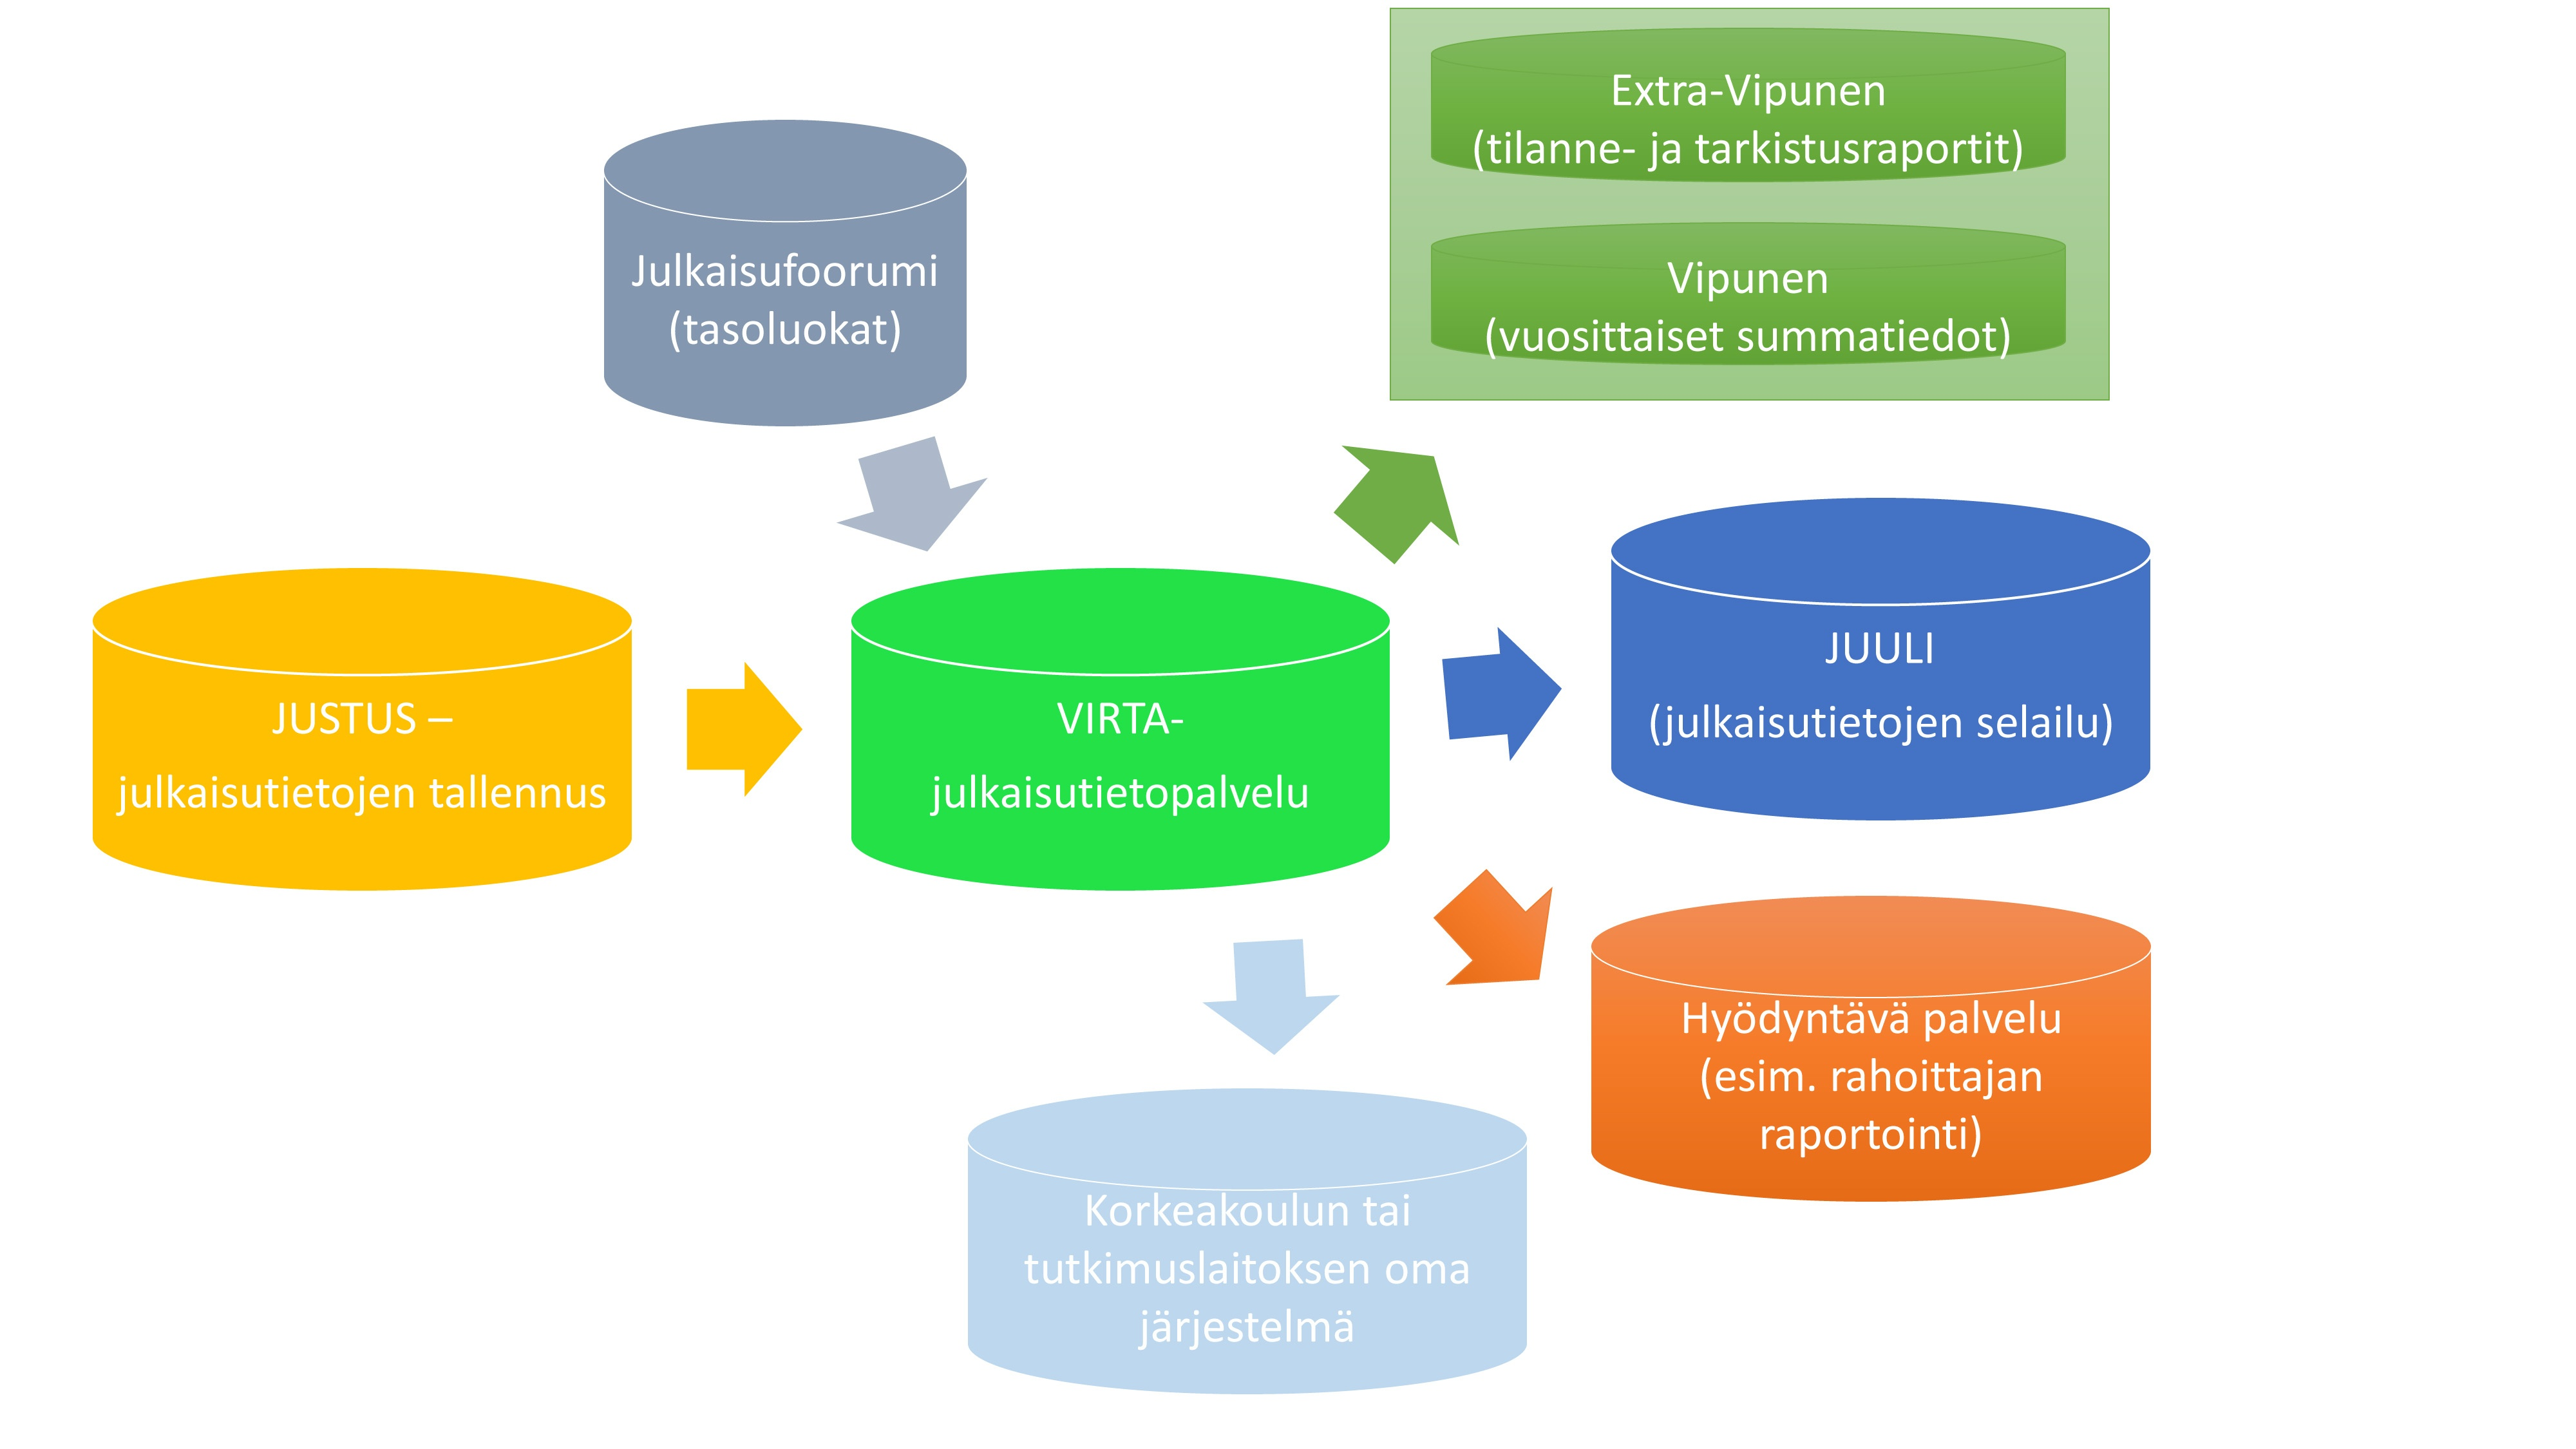 CSC:n kaavio Justus palvelun yhteydestä Virtaan ja Vipuseen.